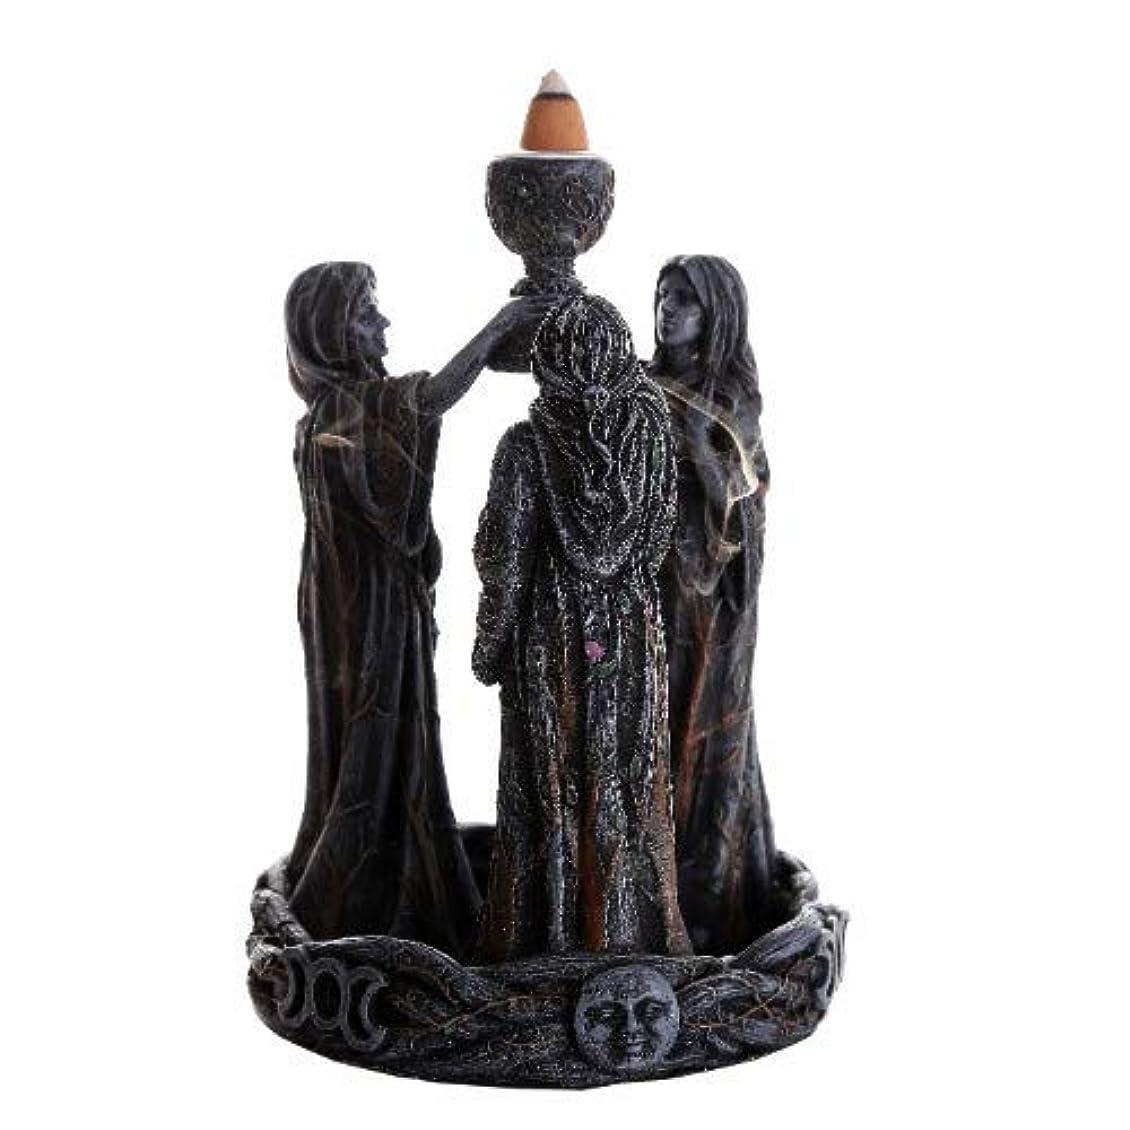 3魔術師(逆流香コーン) 香炉バーナー 逆香炉バーナーオブジェ Mother Maiden Crone Backflow Incense Burner